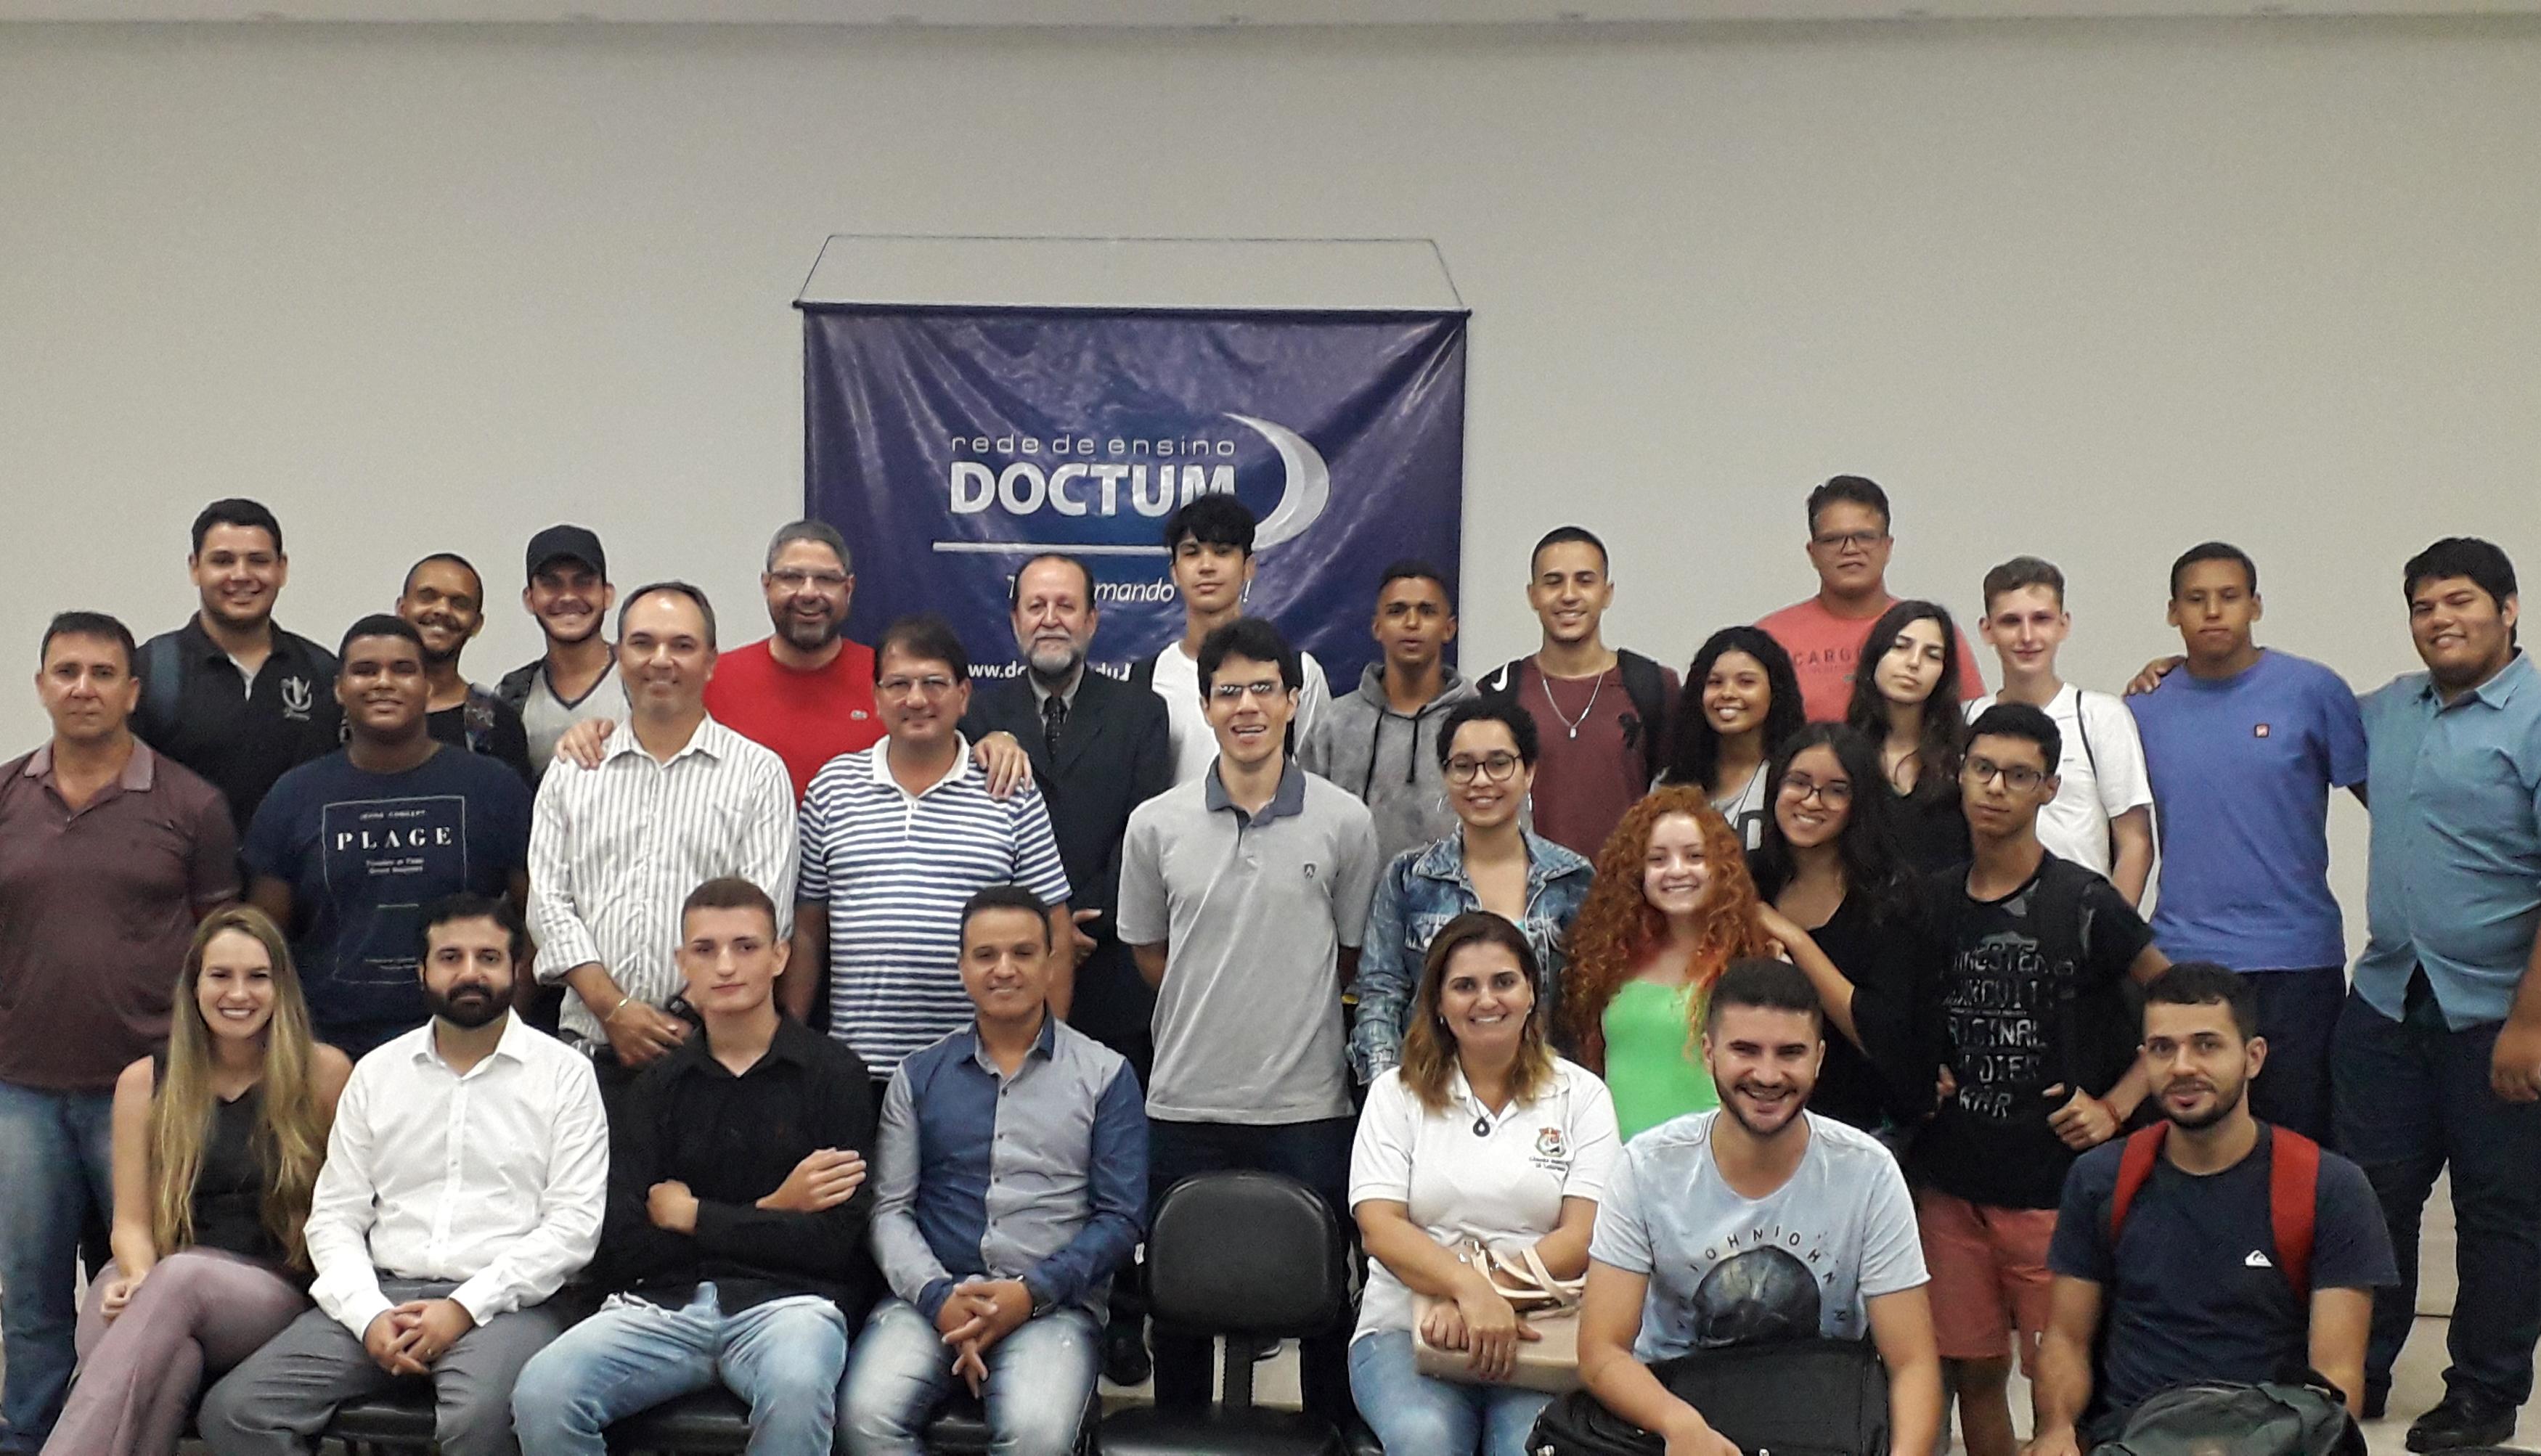 Parlamento Jovem de Minas 2019 tem apoio das Faculdades Doctum de Caratinga e fortalece parceria